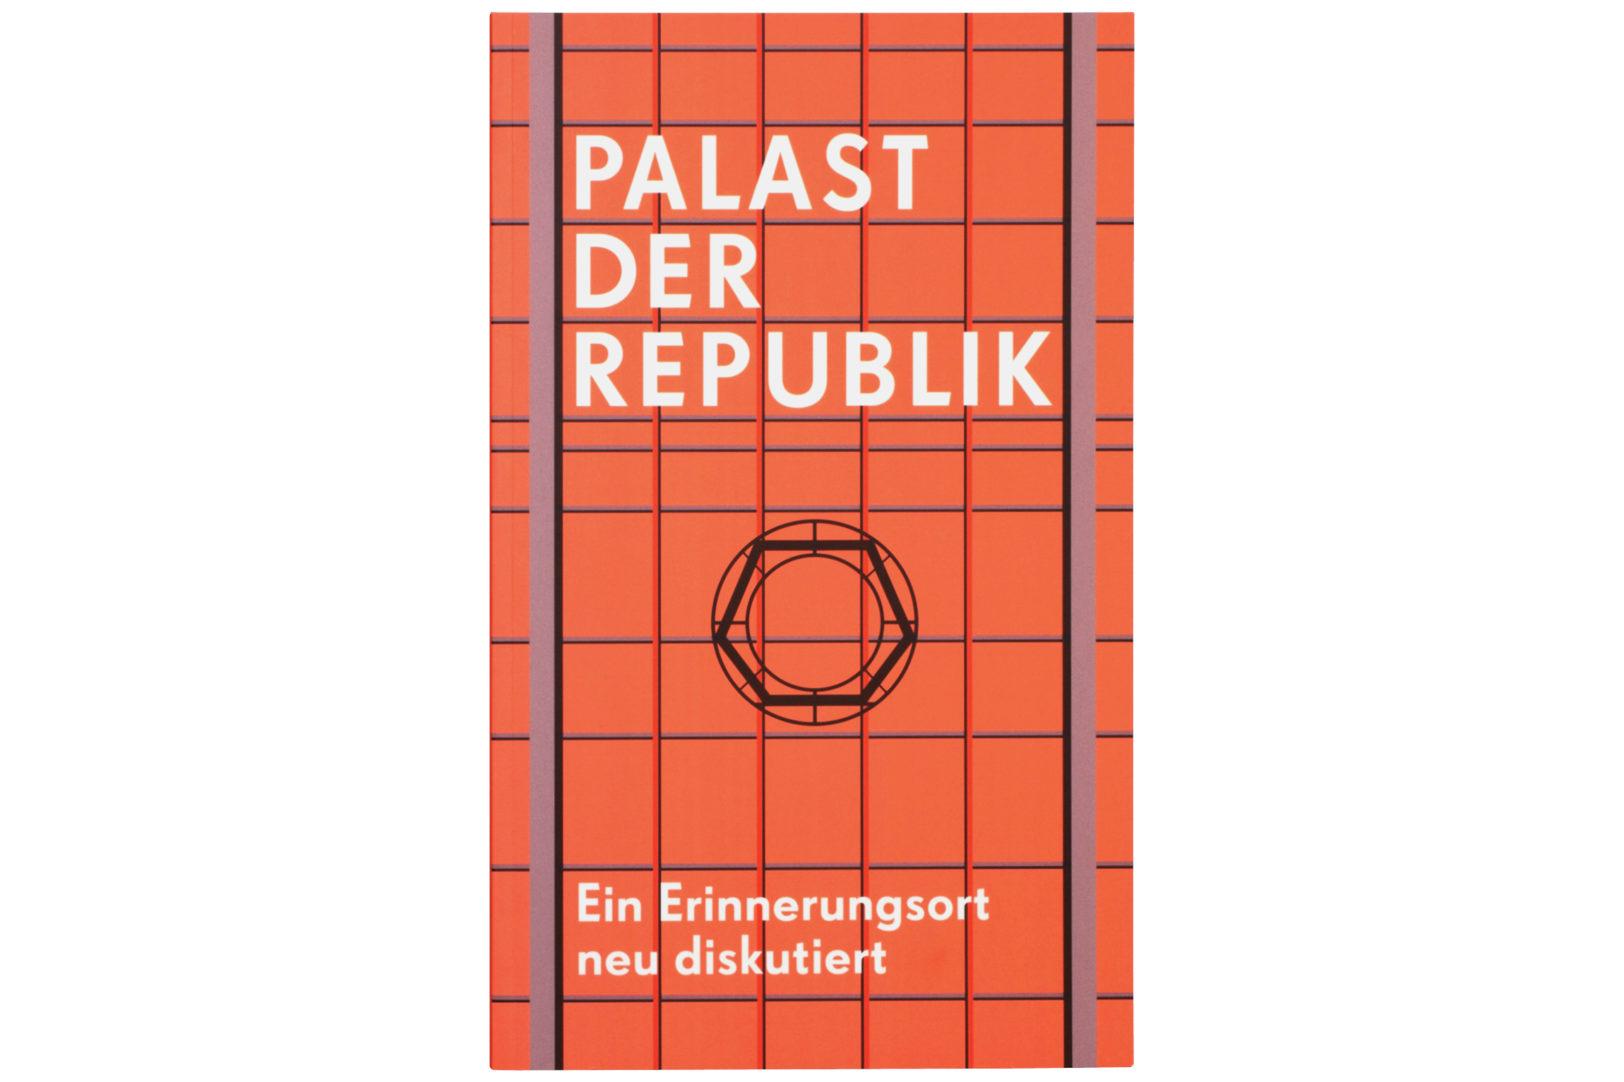 http://e-o-t.de/wordpress/wp-content/uploads/2017/04/eot-2016-PalastderRepublik-Book-1.jpg